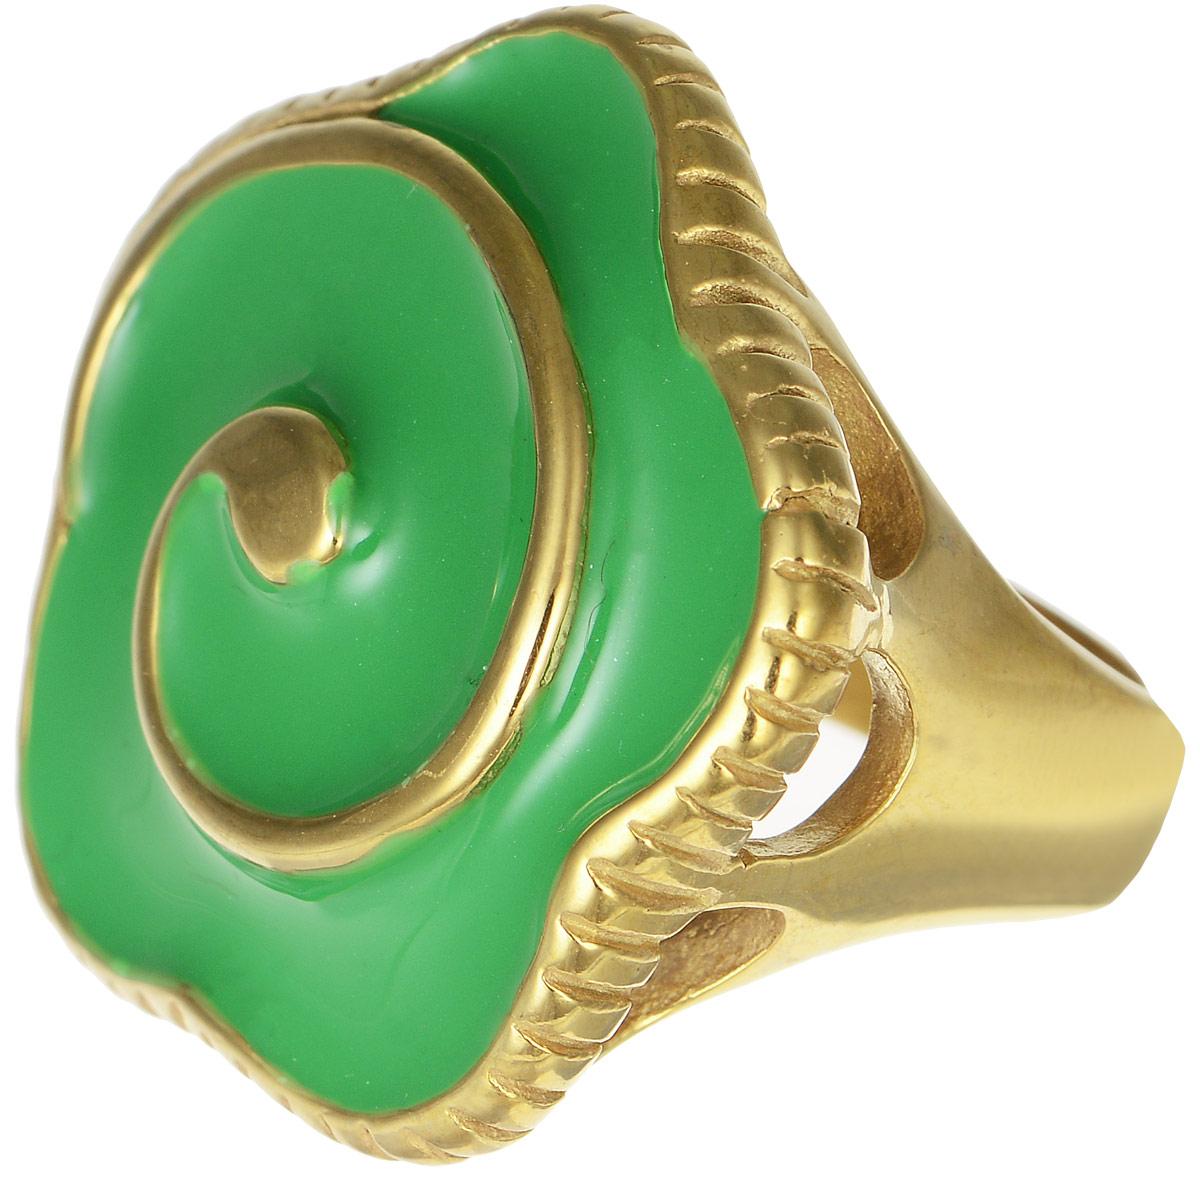 Кольцо Polina Selezneva, цвет: золотистый, зеленый. DG-0032. Размер 18Коктейльное кольцоОригинальное кольцо Polina Selezneva выполнено из металлического сплава. Оформлено изделие в форме цветка. Декоративная часть покрыта эмалью. Такое кольцо это блестящее завершение вашего неповторимого, смелого образа и отличный подарок для ценительницы необычных украшений!